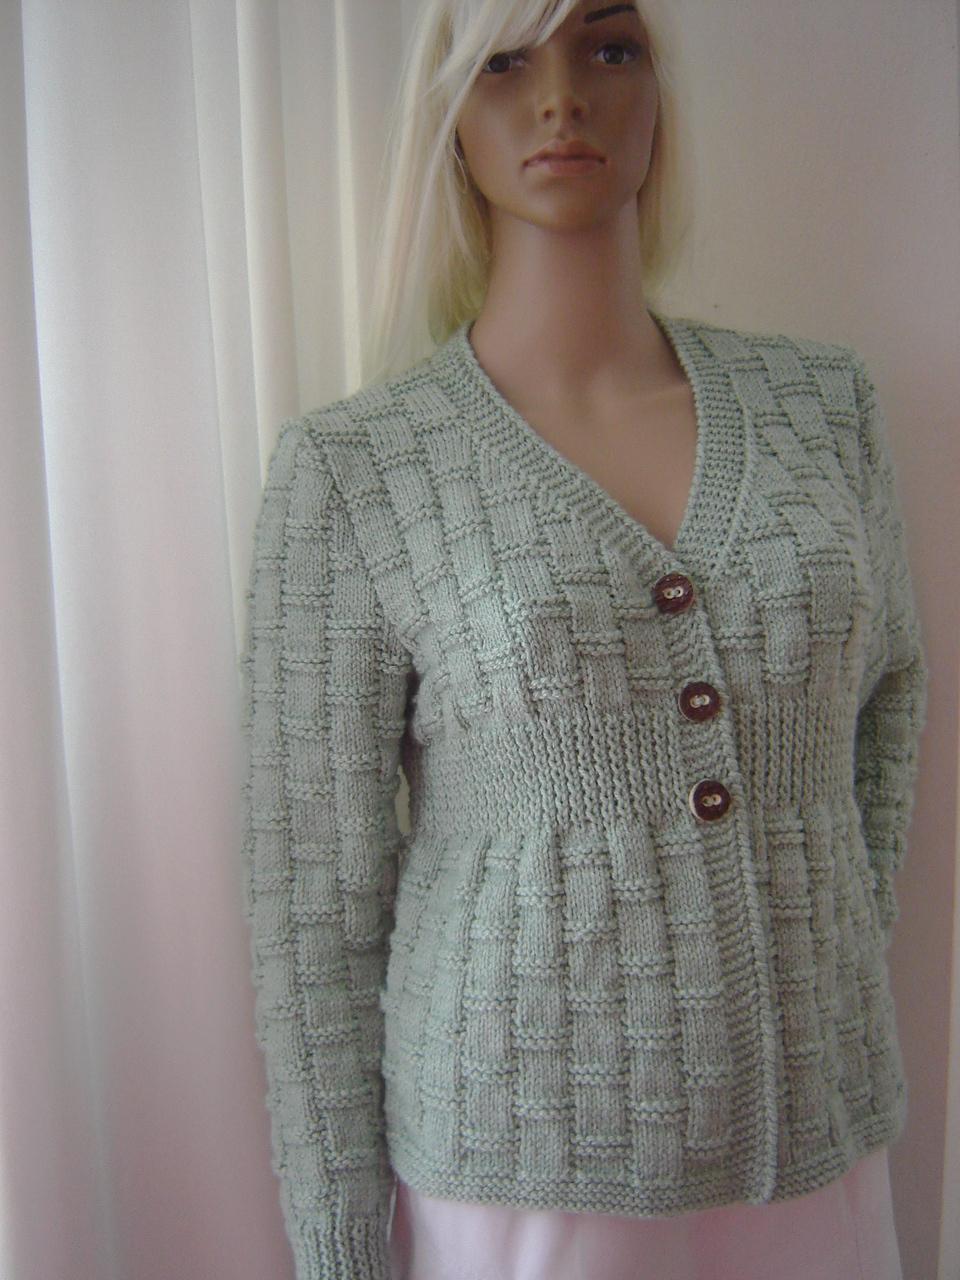 e81432f0d1c2 Ručně pletený svetr mentol   Zboží prodejce viv-design